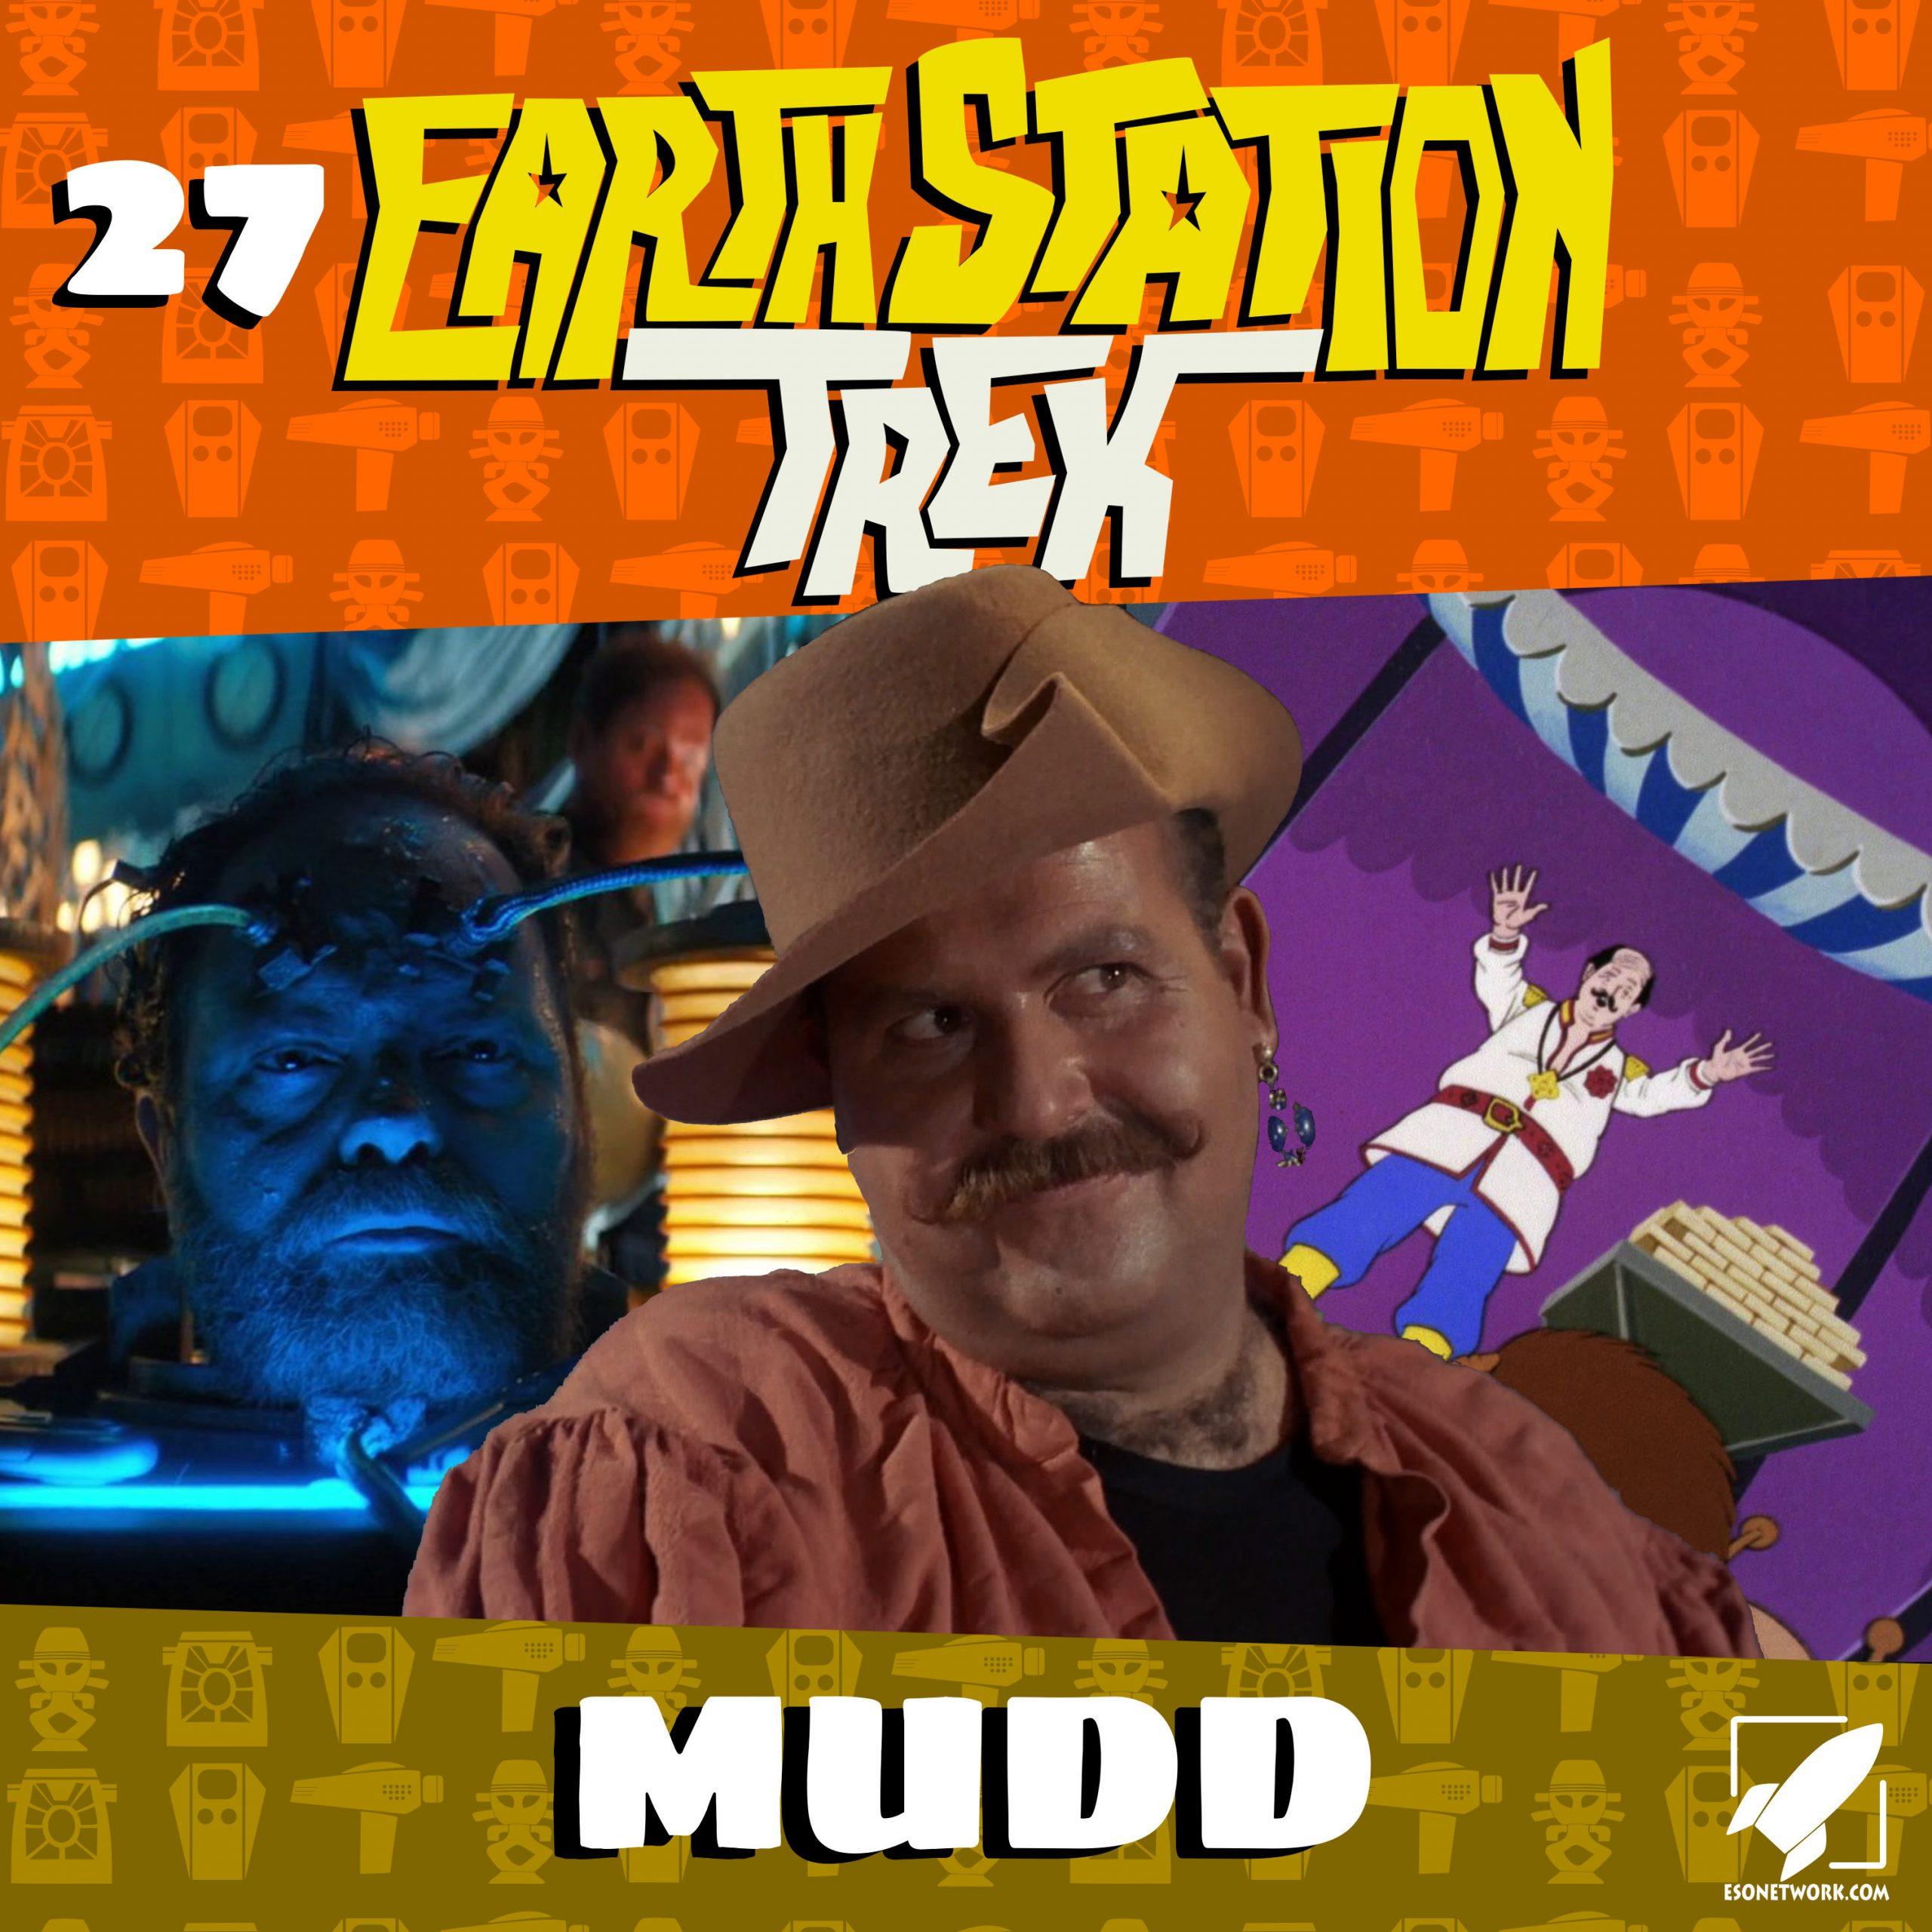 mudd earth station trek 27